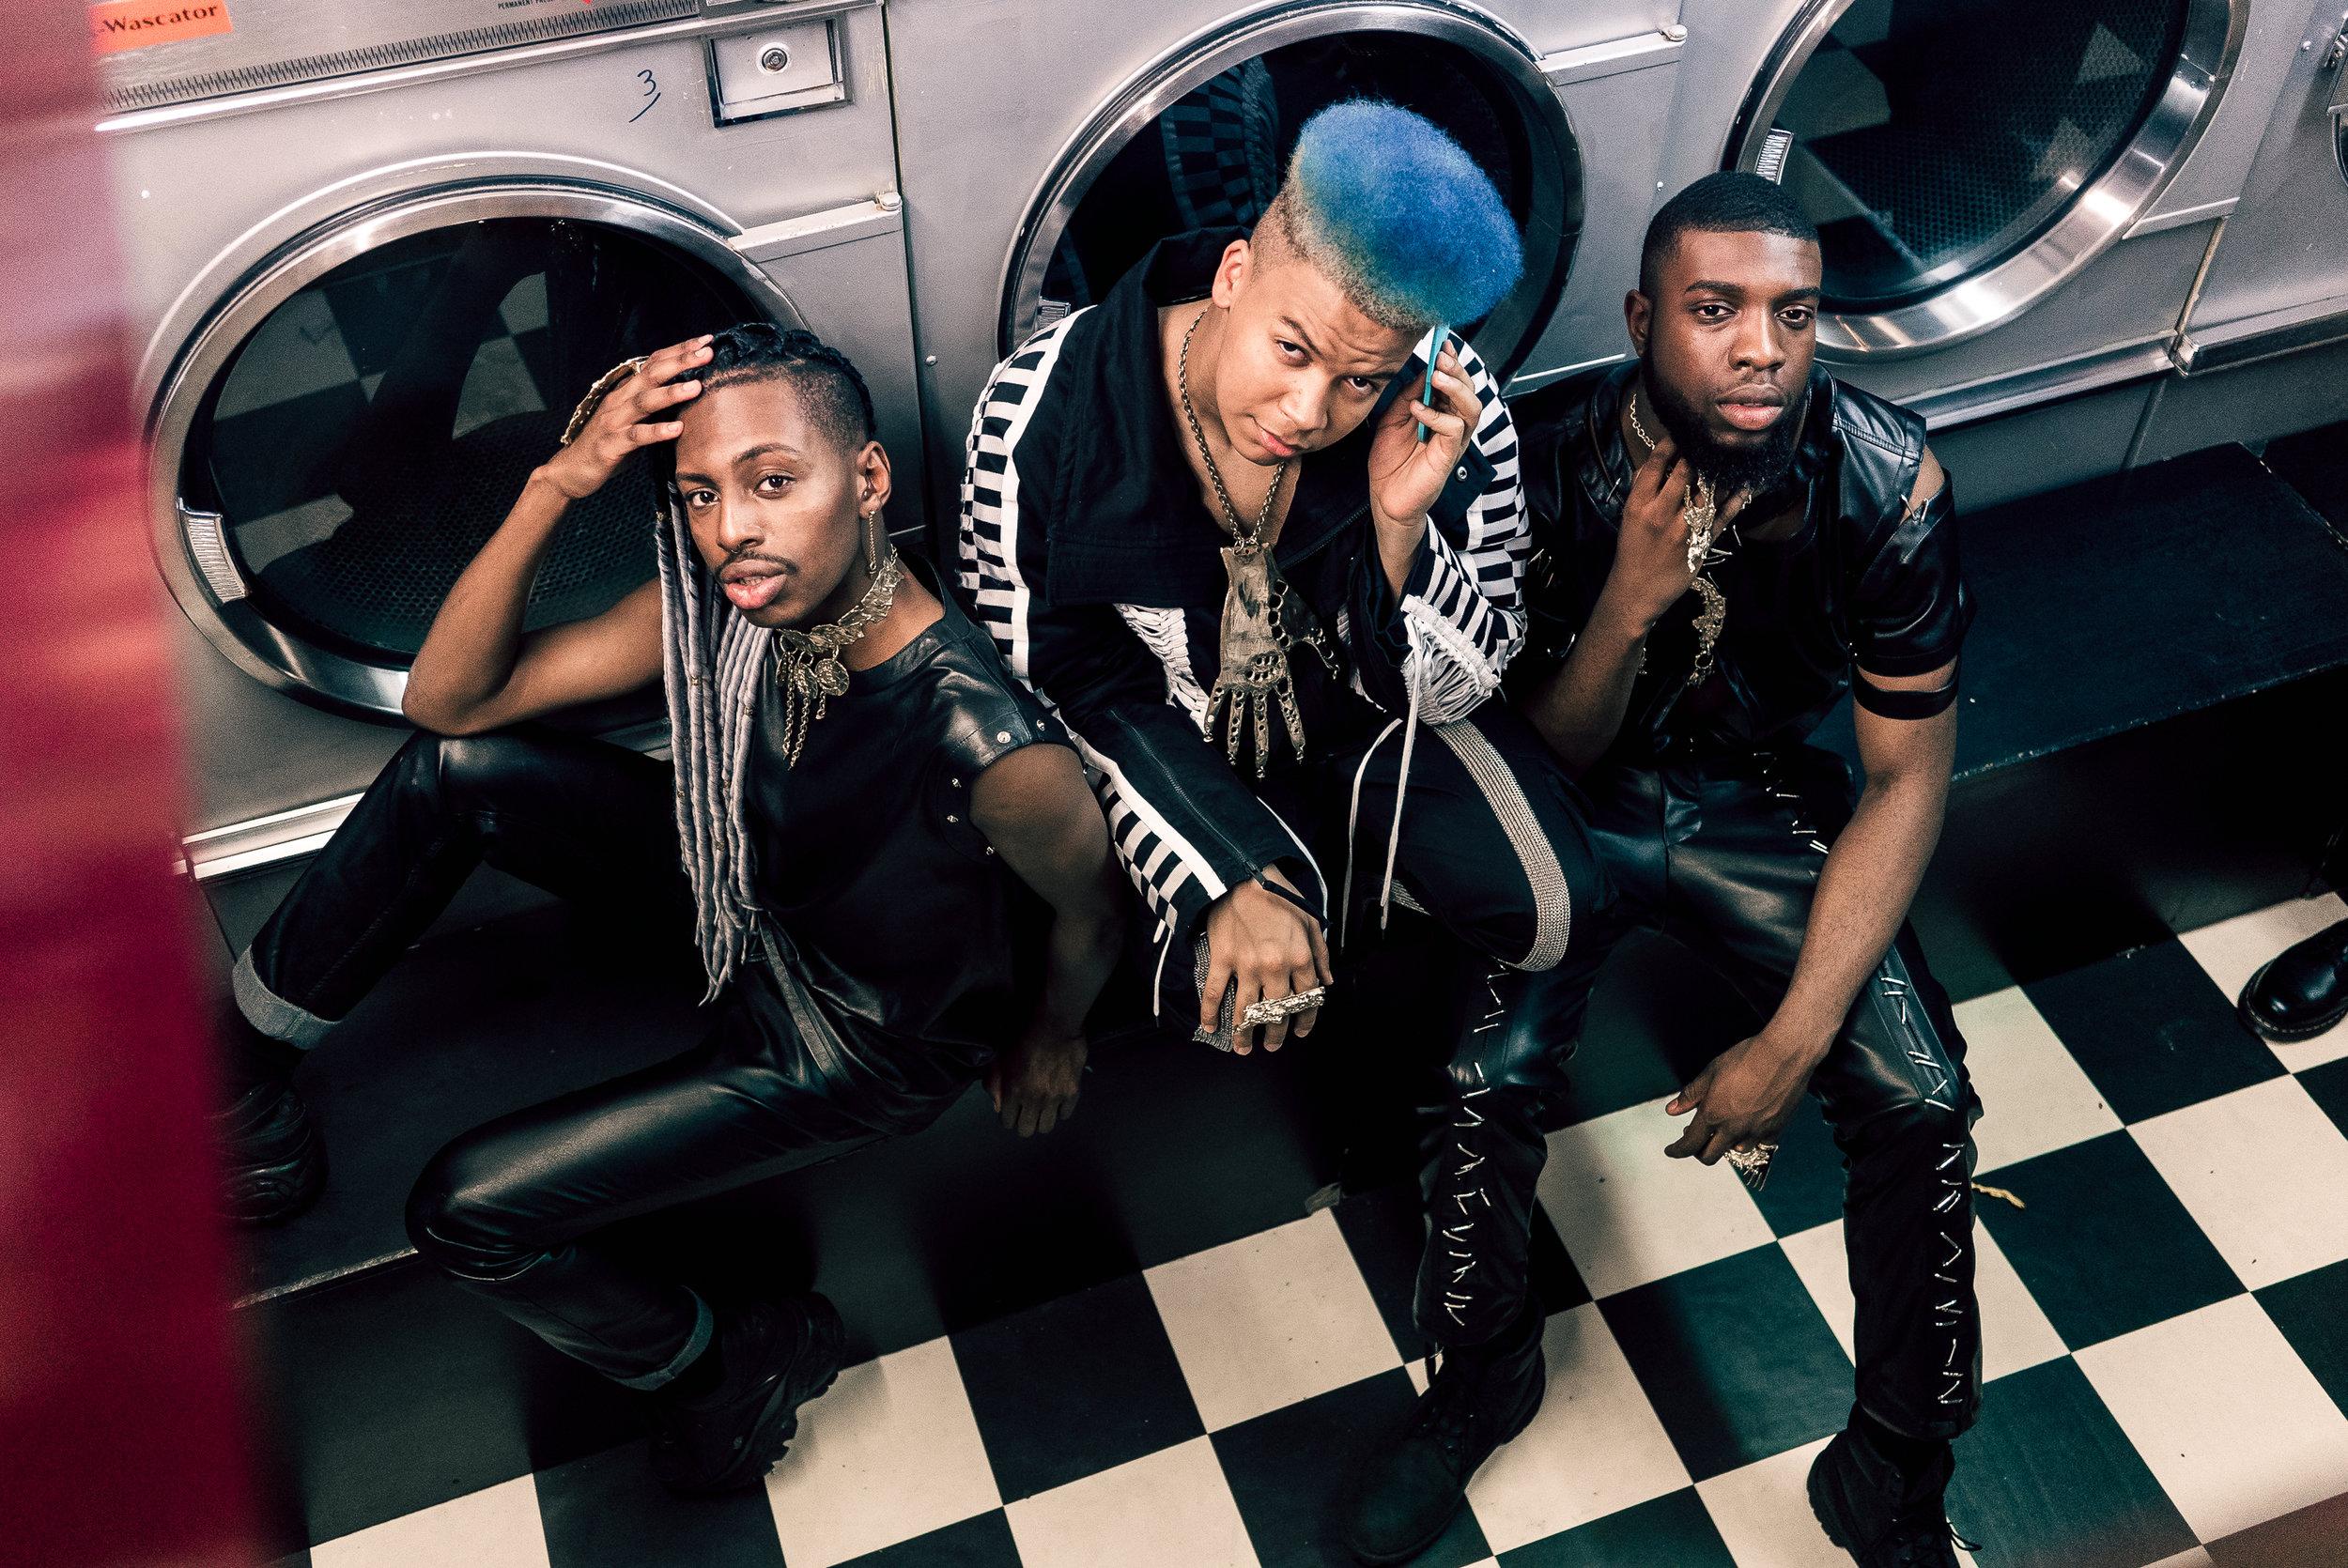 Boys in black Namali -09091.JPG